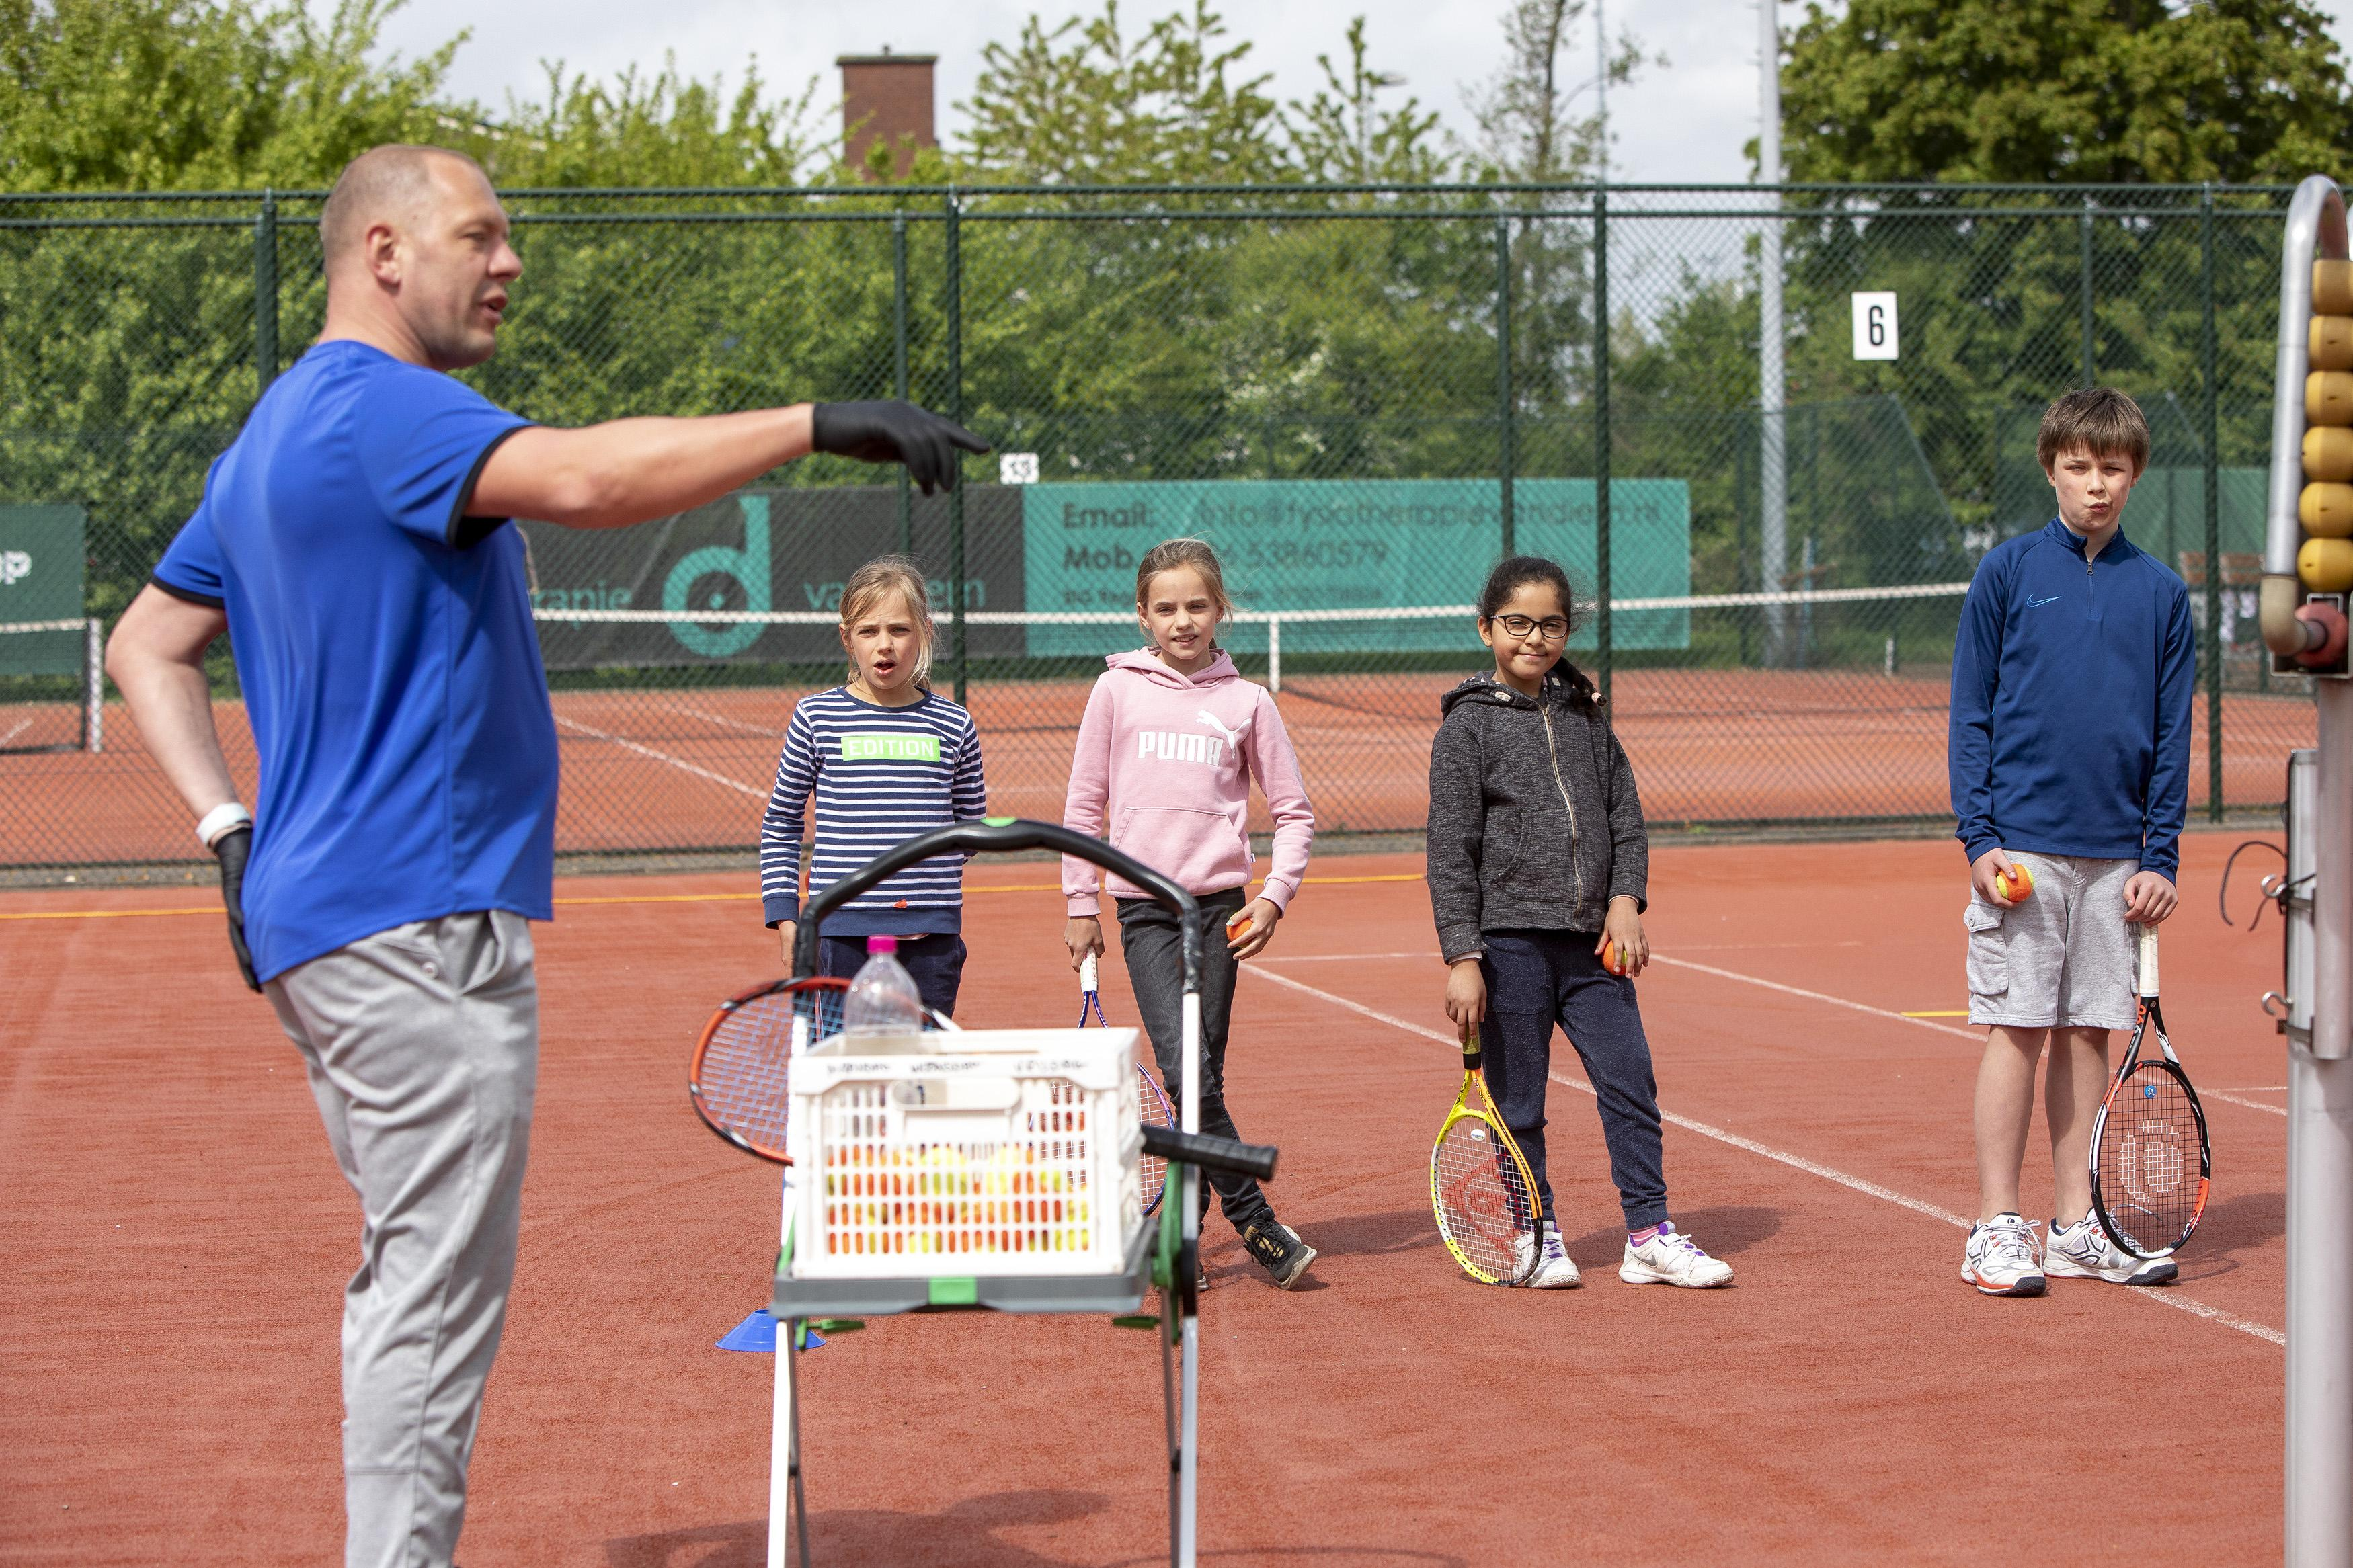 Kinderen krijgen weer les bij de Haarlemse tennisvereniging Overhout: via groene smileys naar de baseline